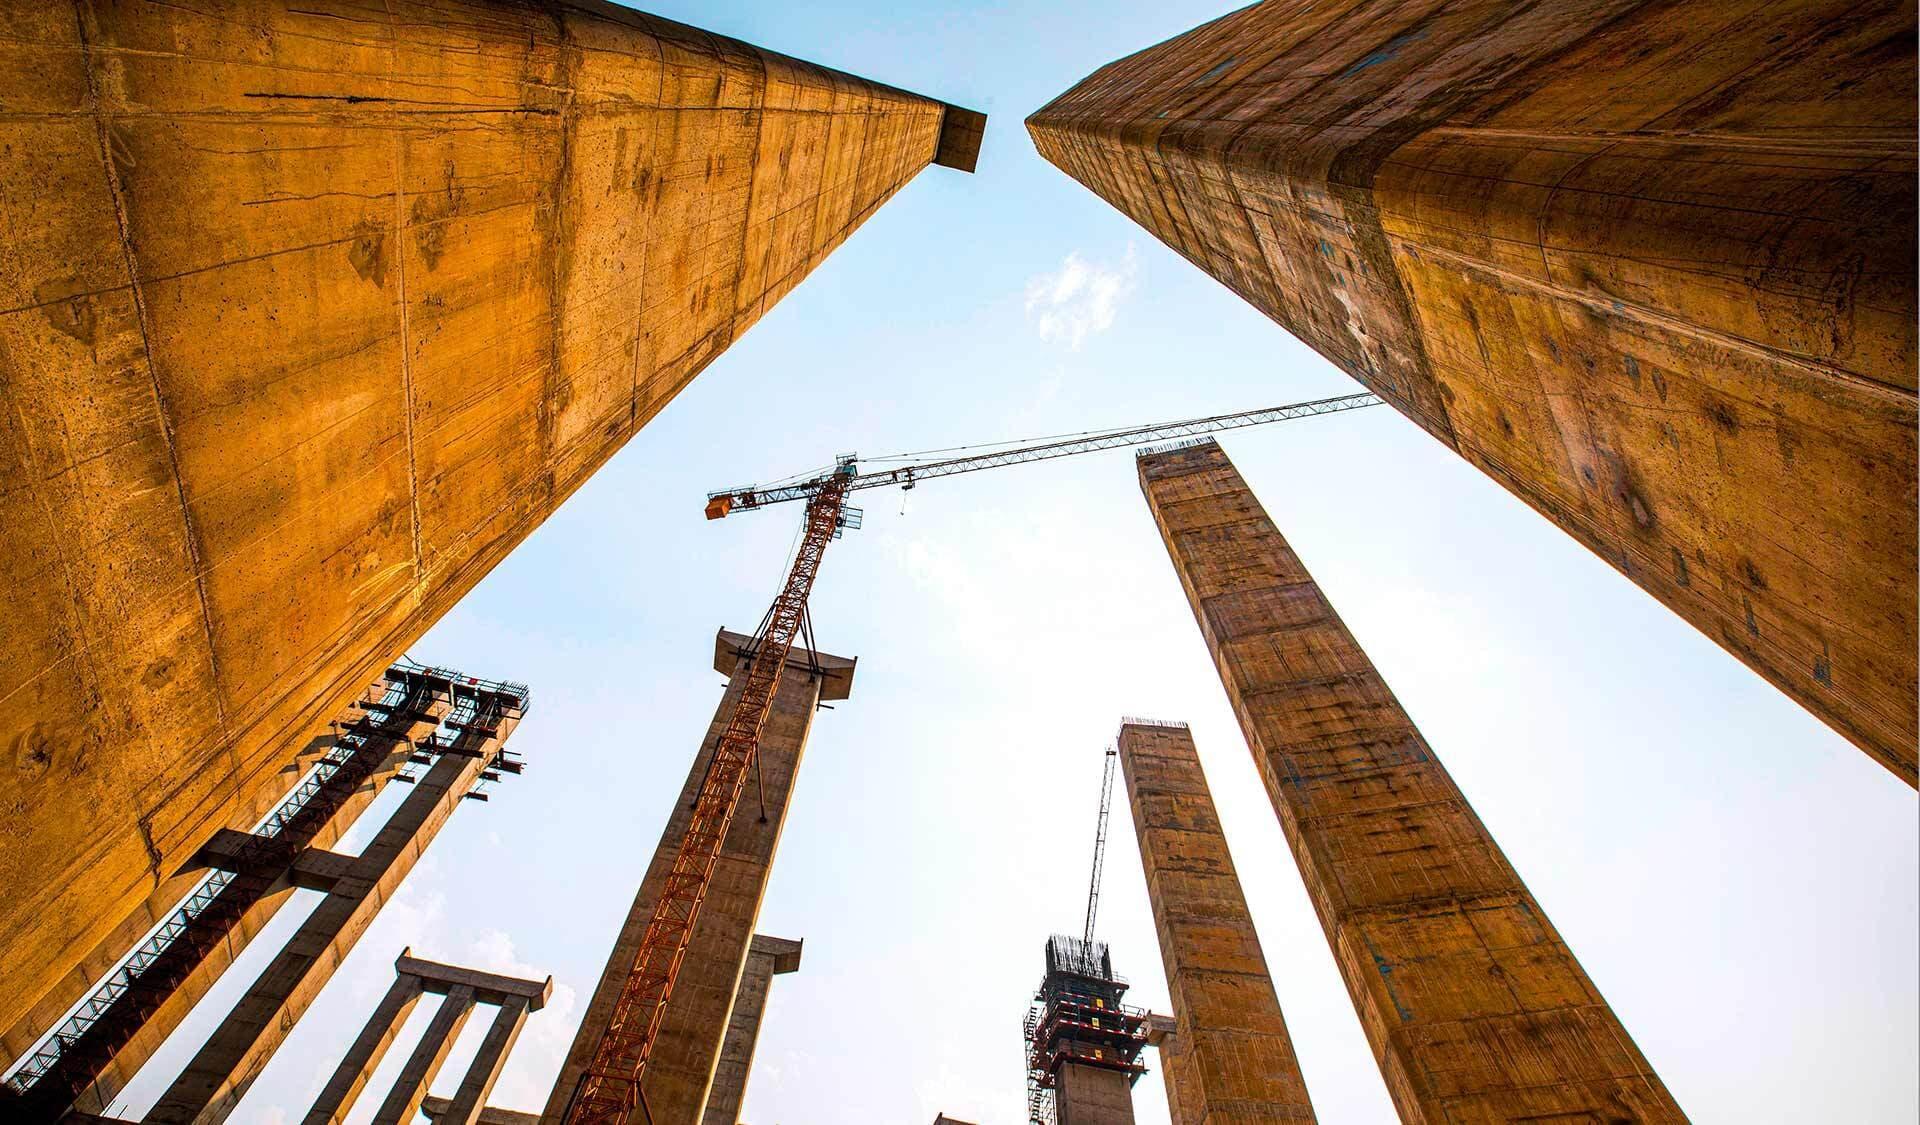 Stahlbetonträger ragen hoch in die Luft